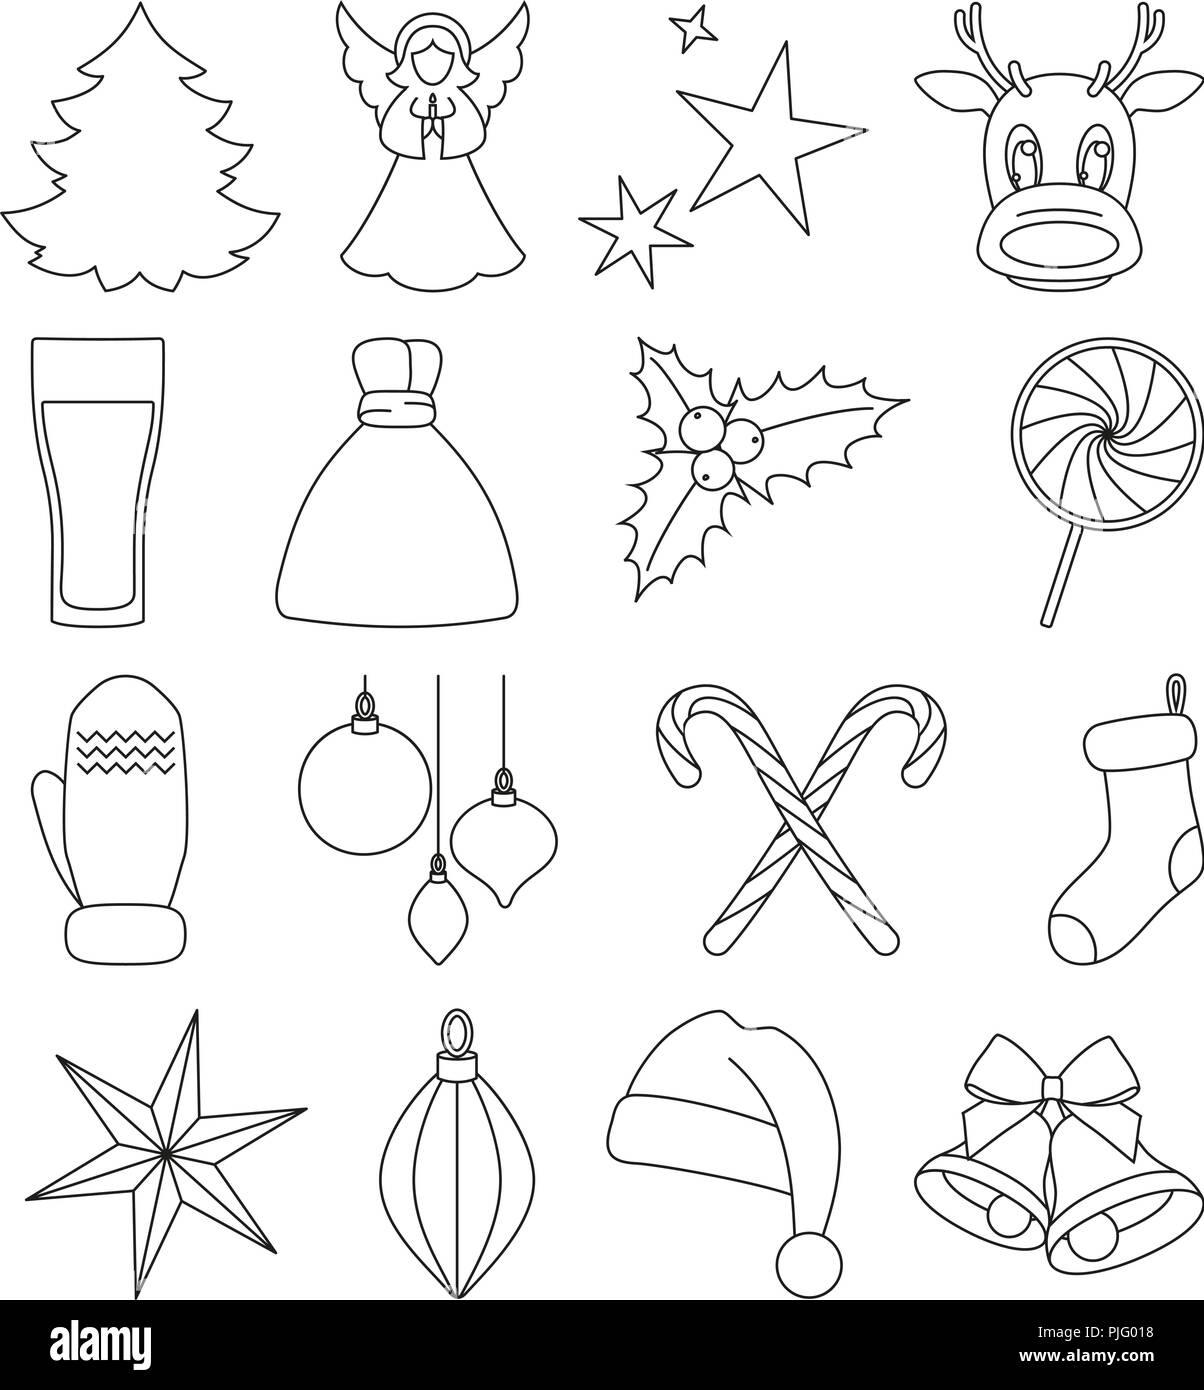 Les Dessins Au Trait Noir Et Blanc Des éléments De Noël